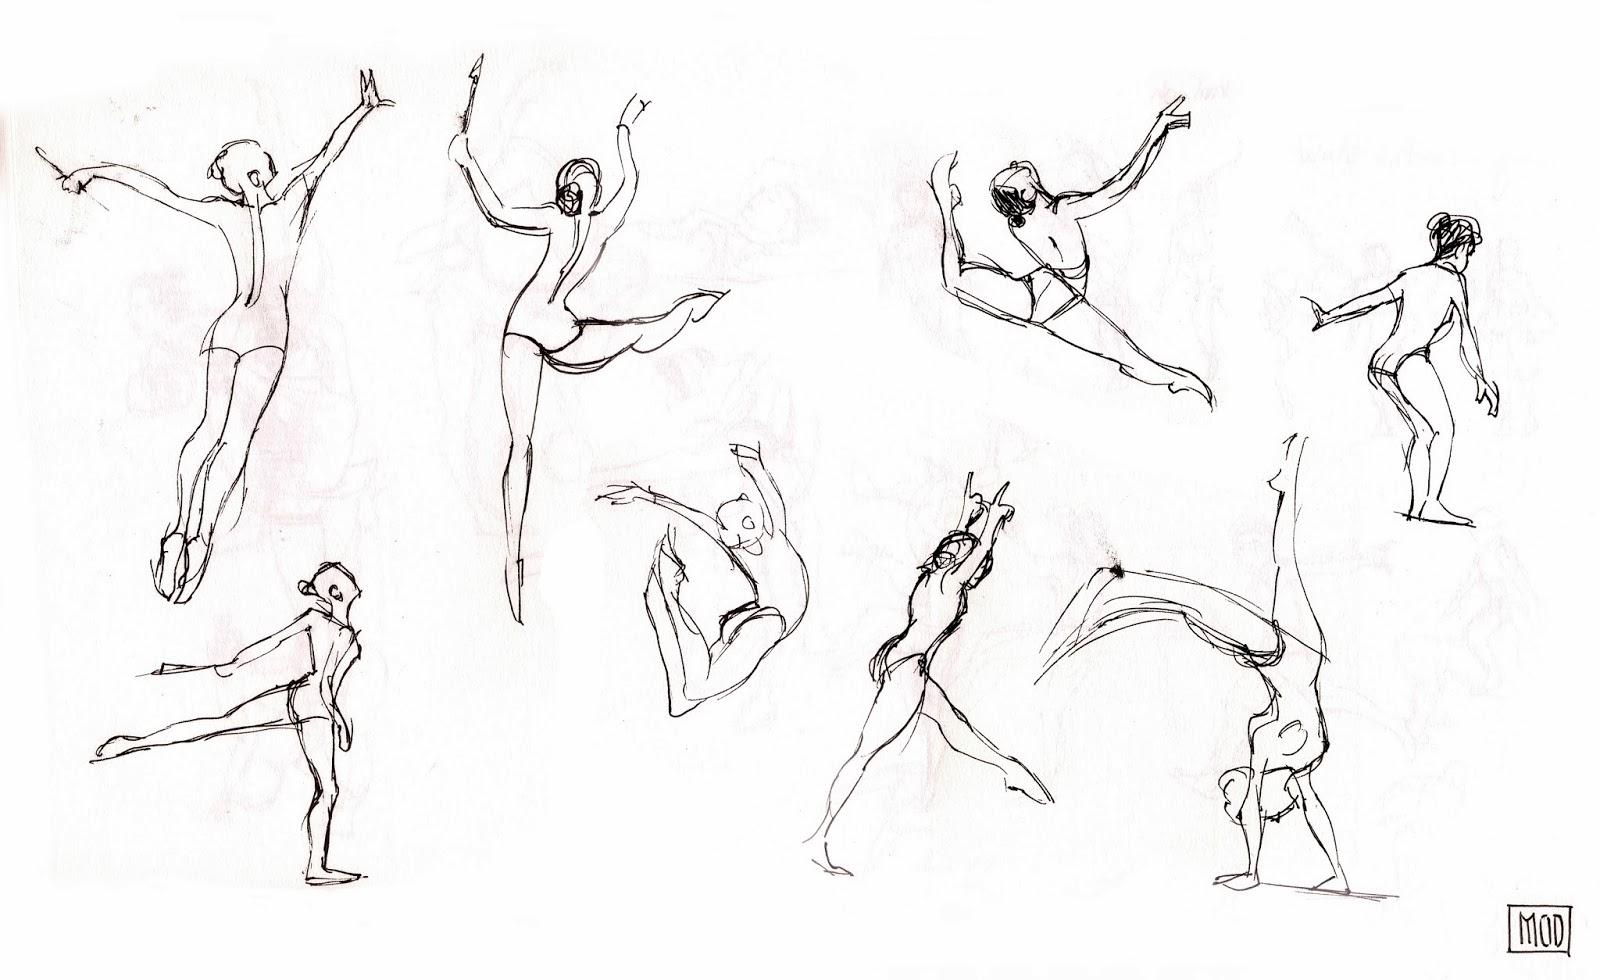 My Own Dump Sketches Rhythmic Gymnastics Poses